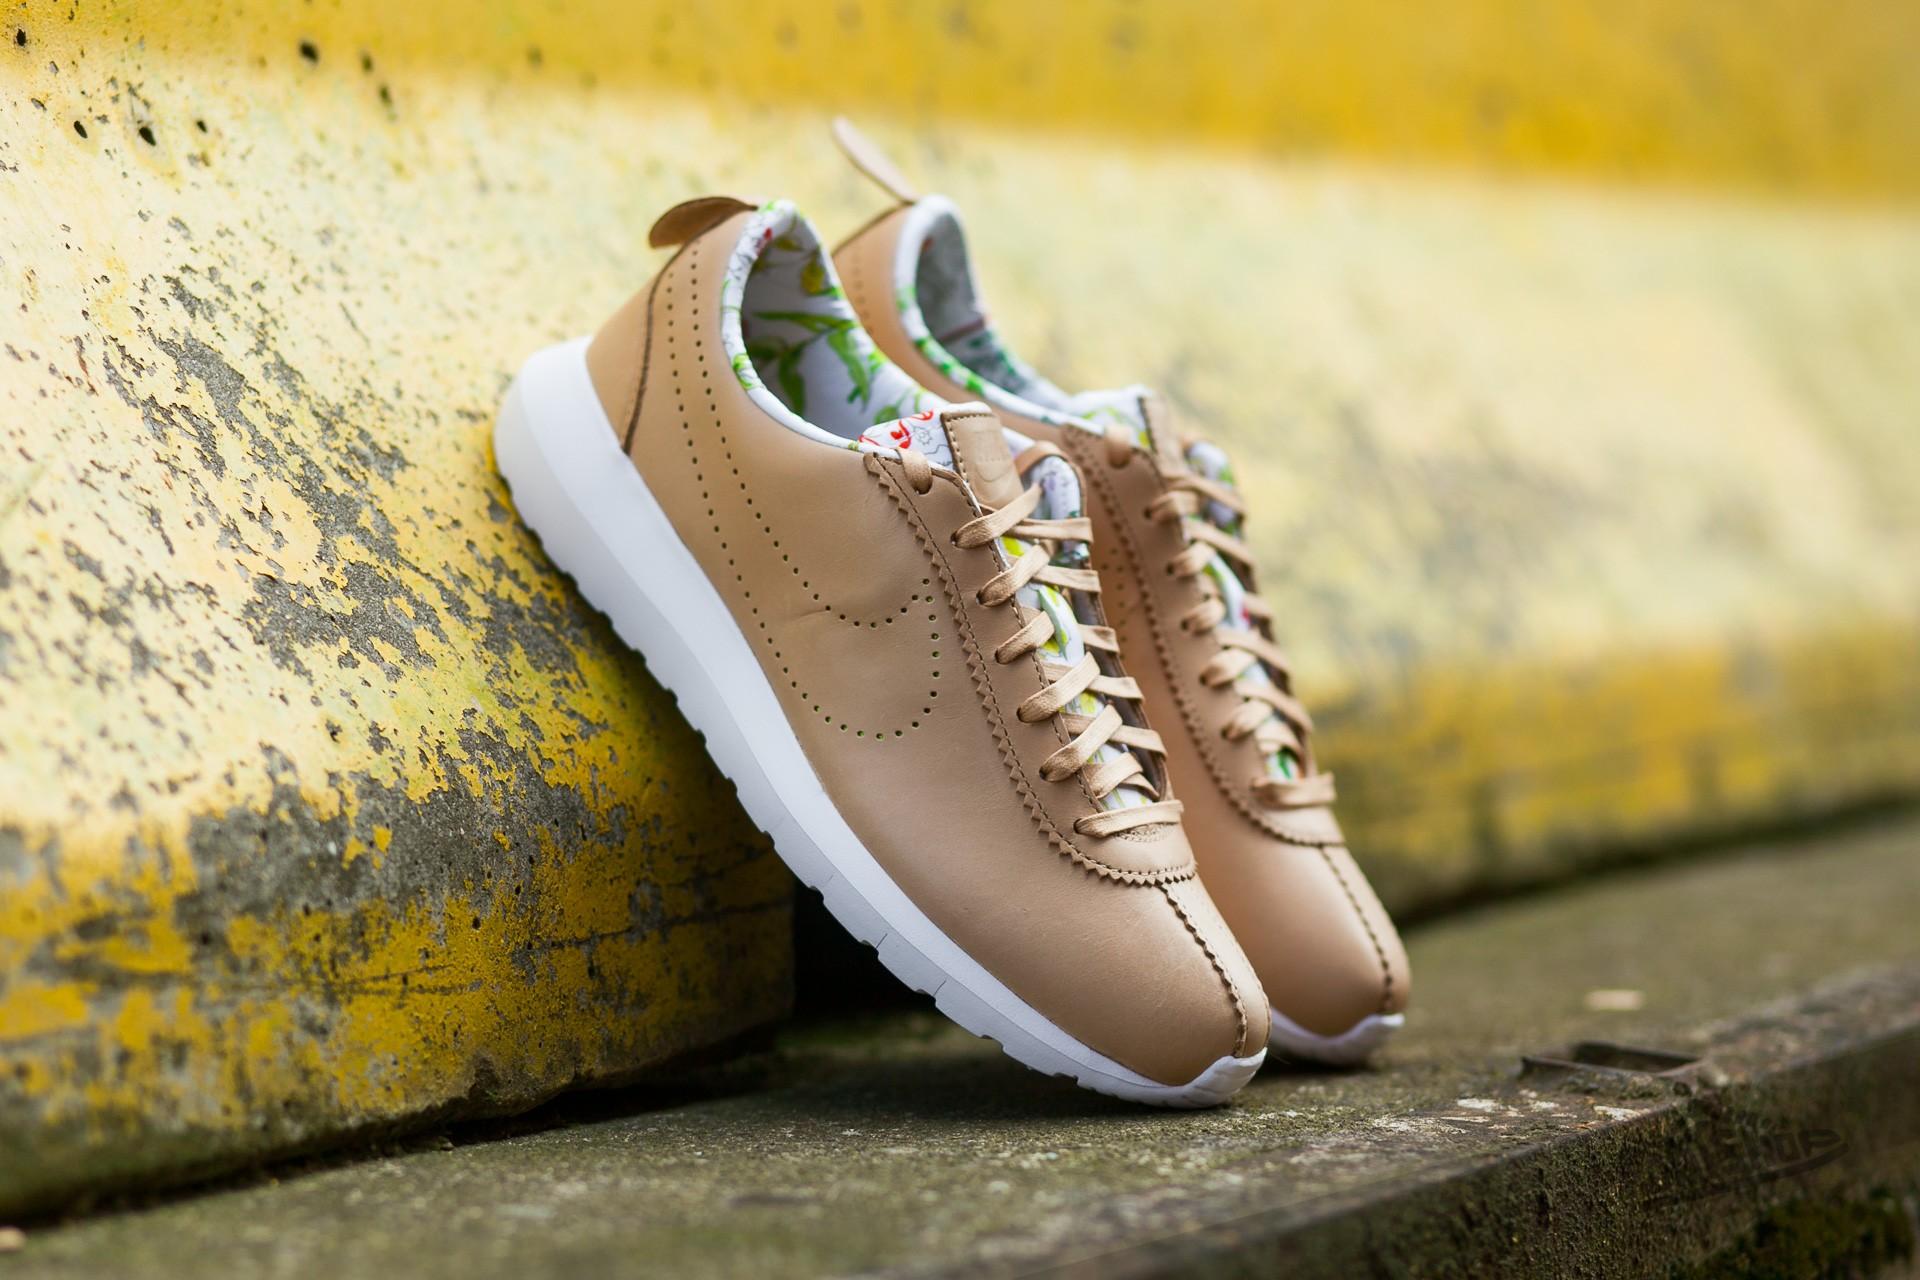 e4ff6b1bbd84 Nike W Roshe Cortez NM Liberty QS Vachetta Tan  Vachetta Tan - Vlt White